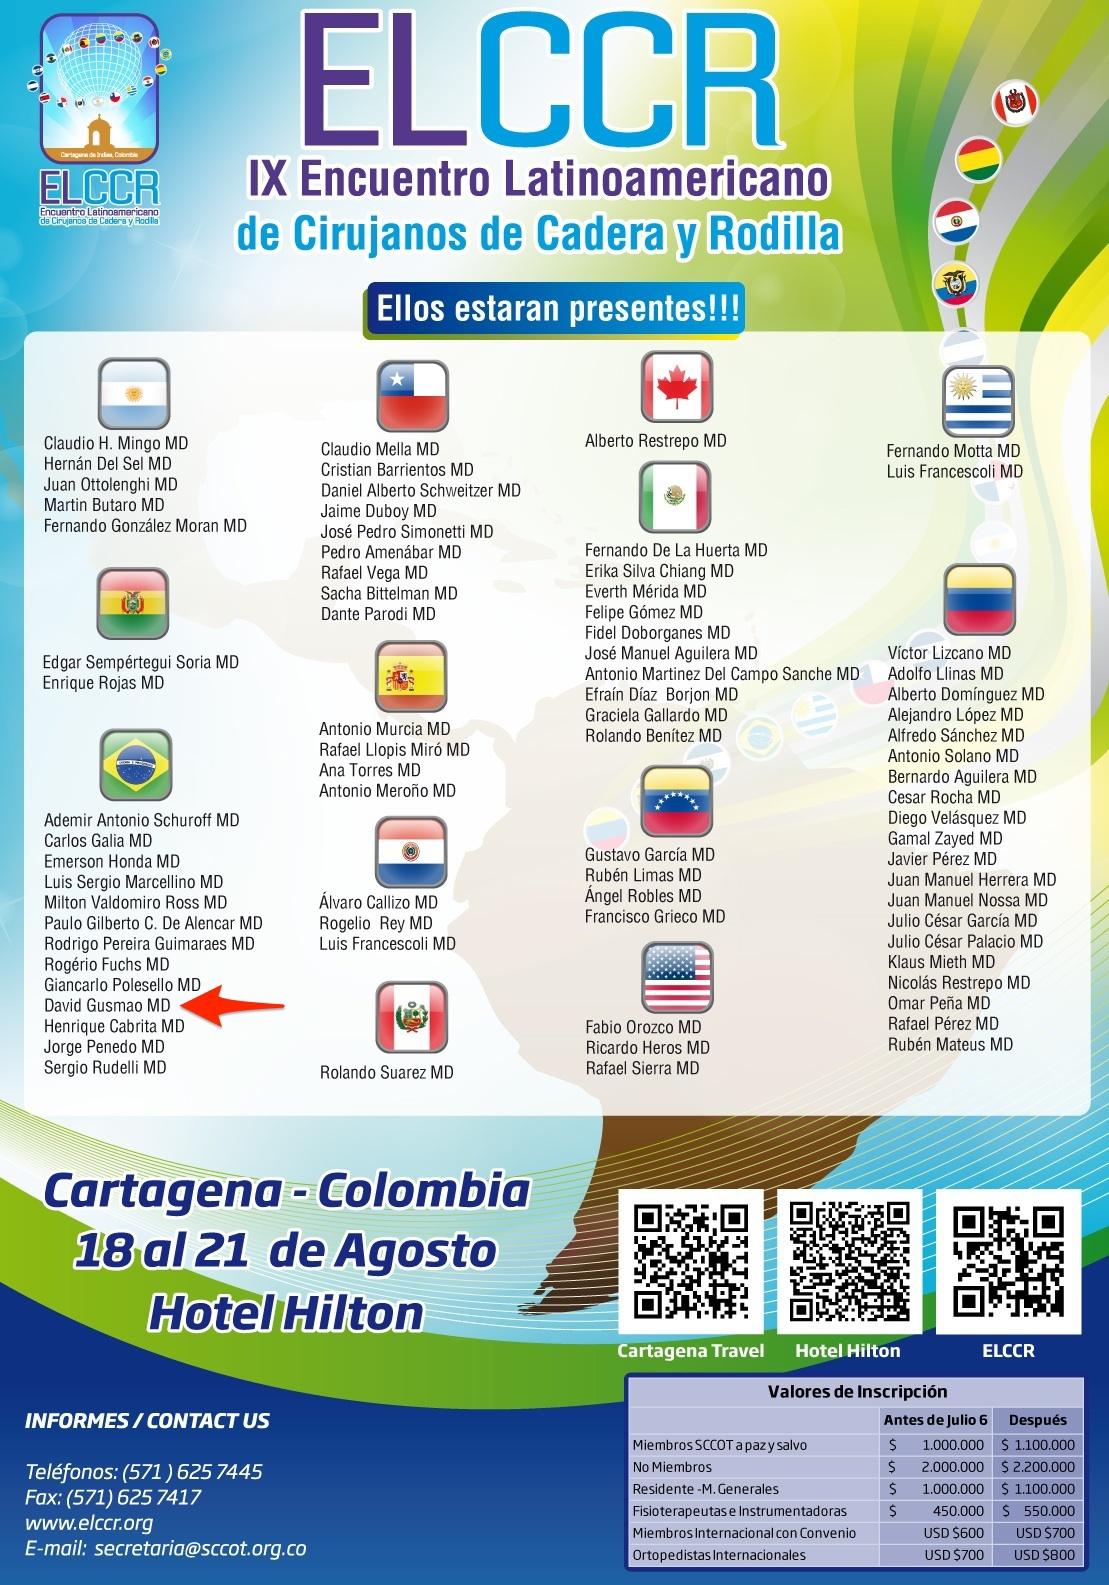 Lista dos convidados do evento